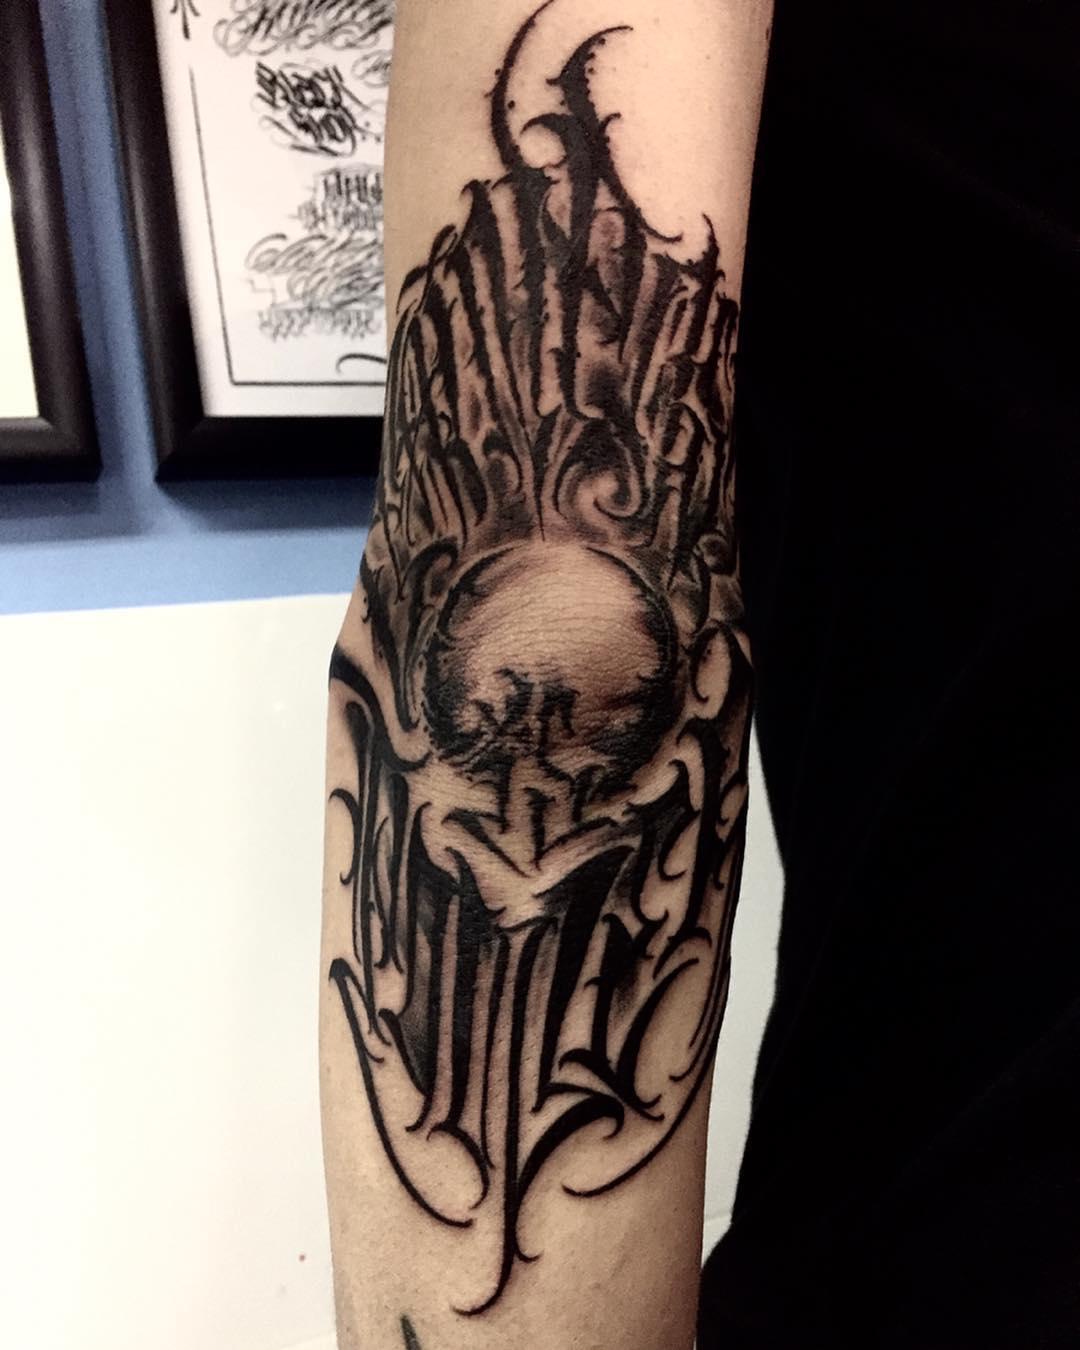 天津铁坨里地理老师勾先生手肘英文花体字纹身图案图片